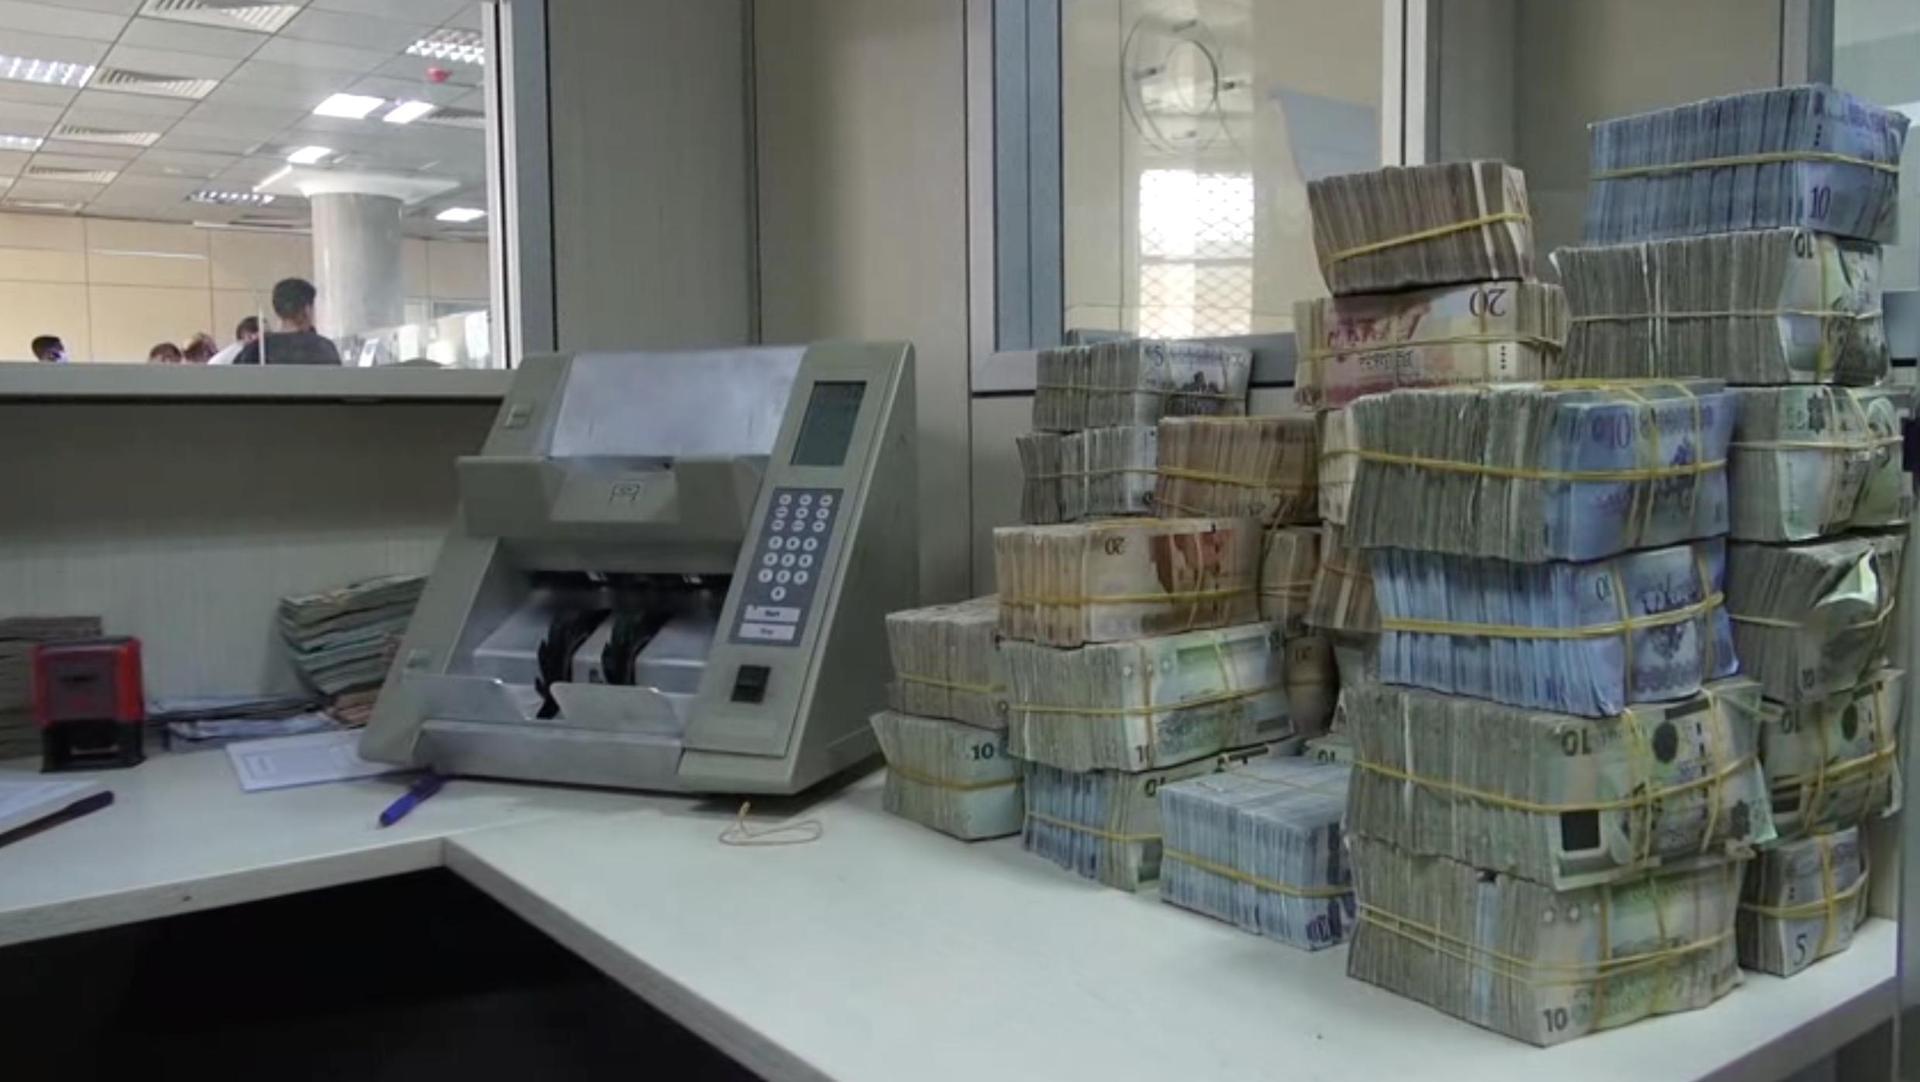 مصارف المنطقة الشرقية تبدأ توزيع السيولة بعد تلقيها 145 مليون دينار